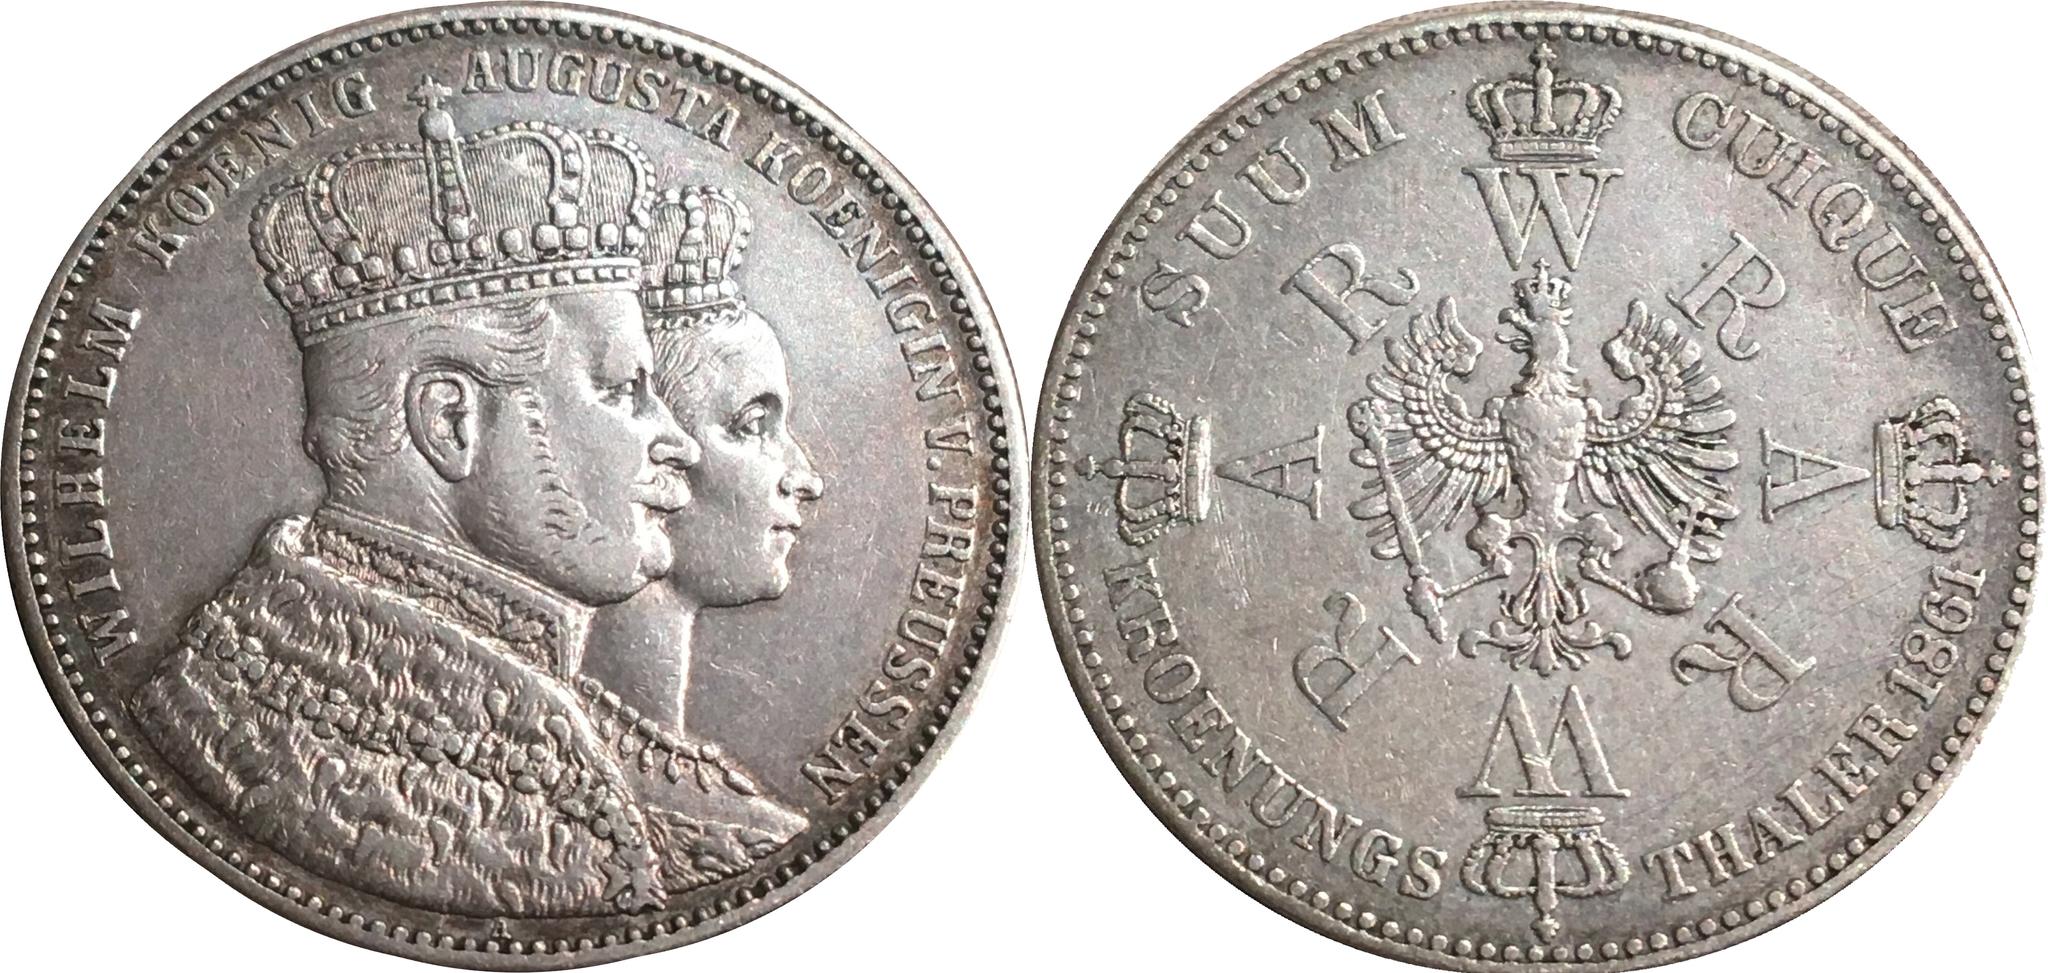 1 талер 1861 год коронация Вильгельма. Пруссия.